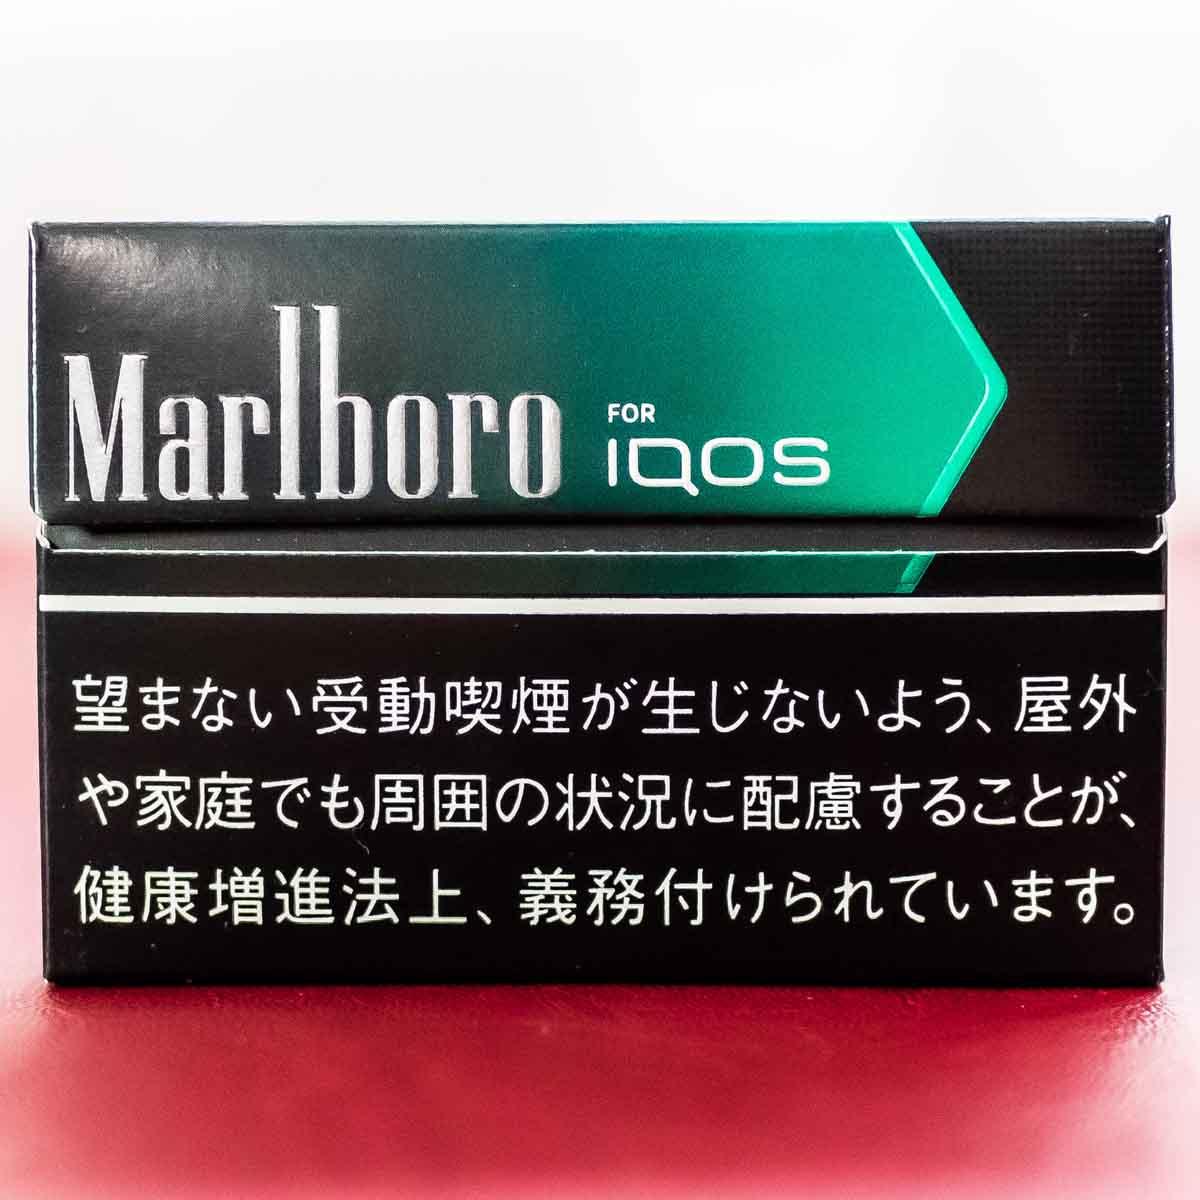 マールボロ「ブラック・メンソール」がアイコスでも吸えるようになった!